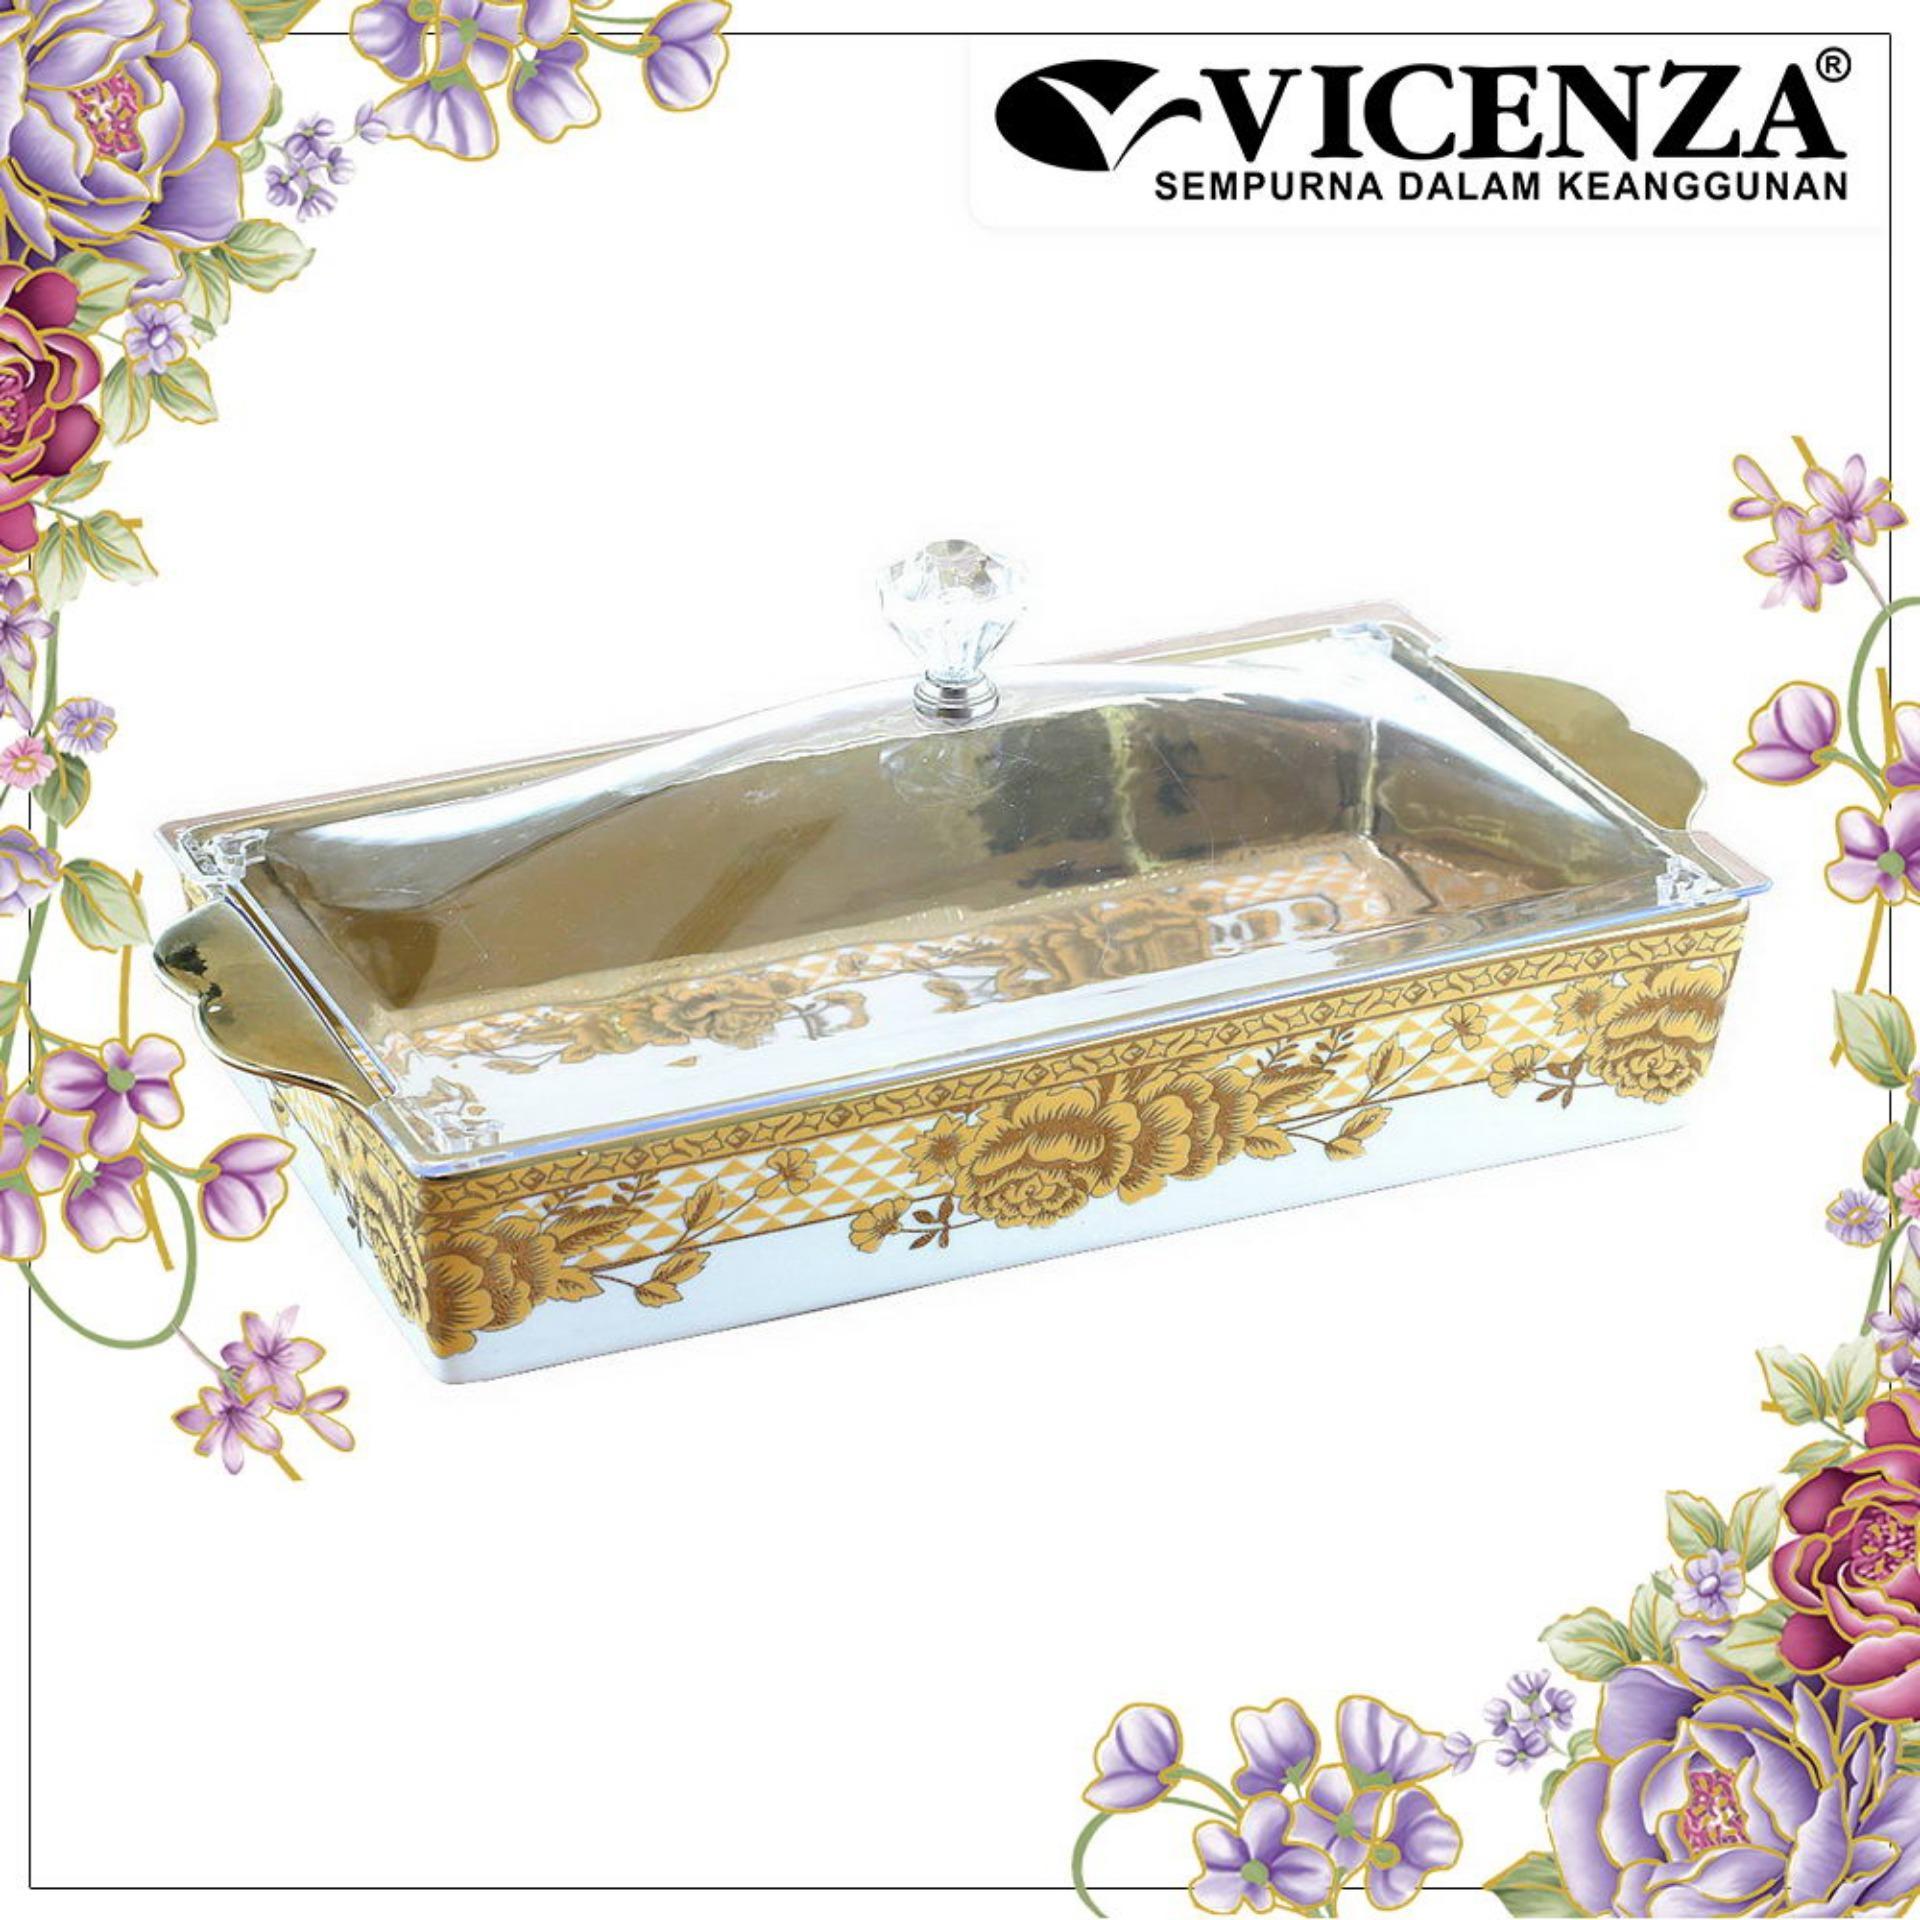 Spesifikasi Vicenza Tableware Crp138 Tempat Kue Persegi Square Cake Plate Paling Bagus